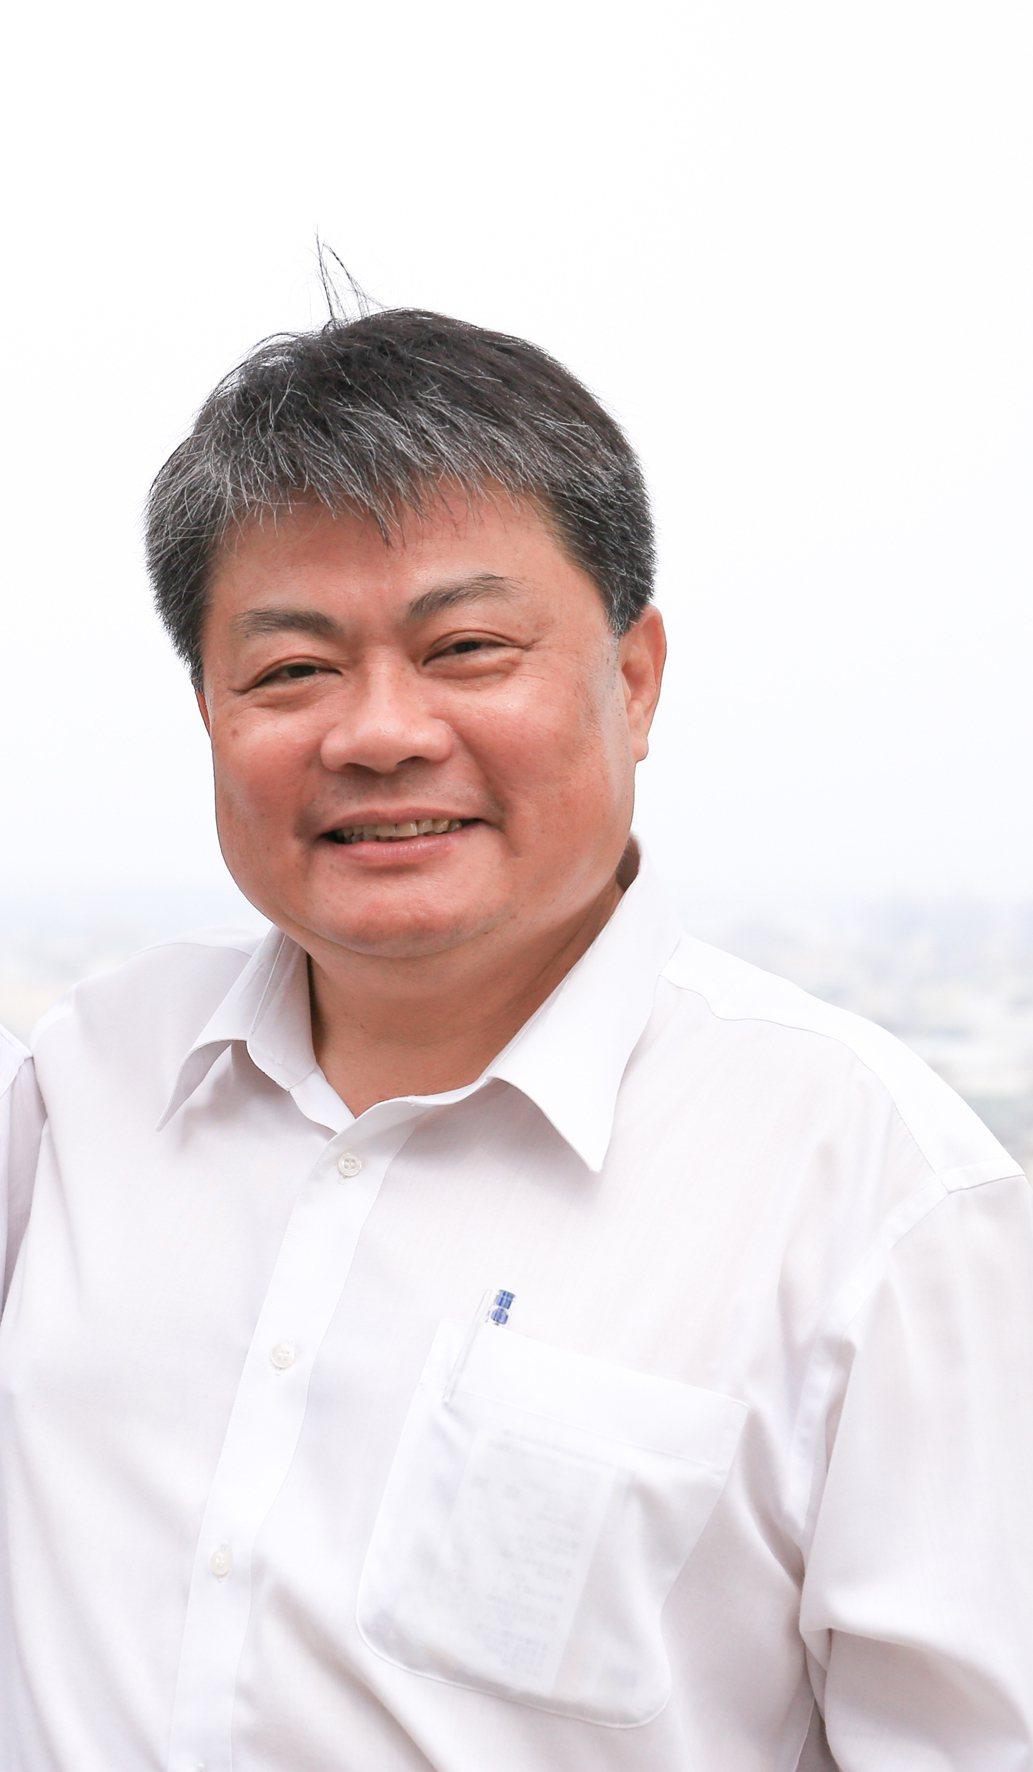 福懋建設總經理凃耀斌。 攝影/張世雅